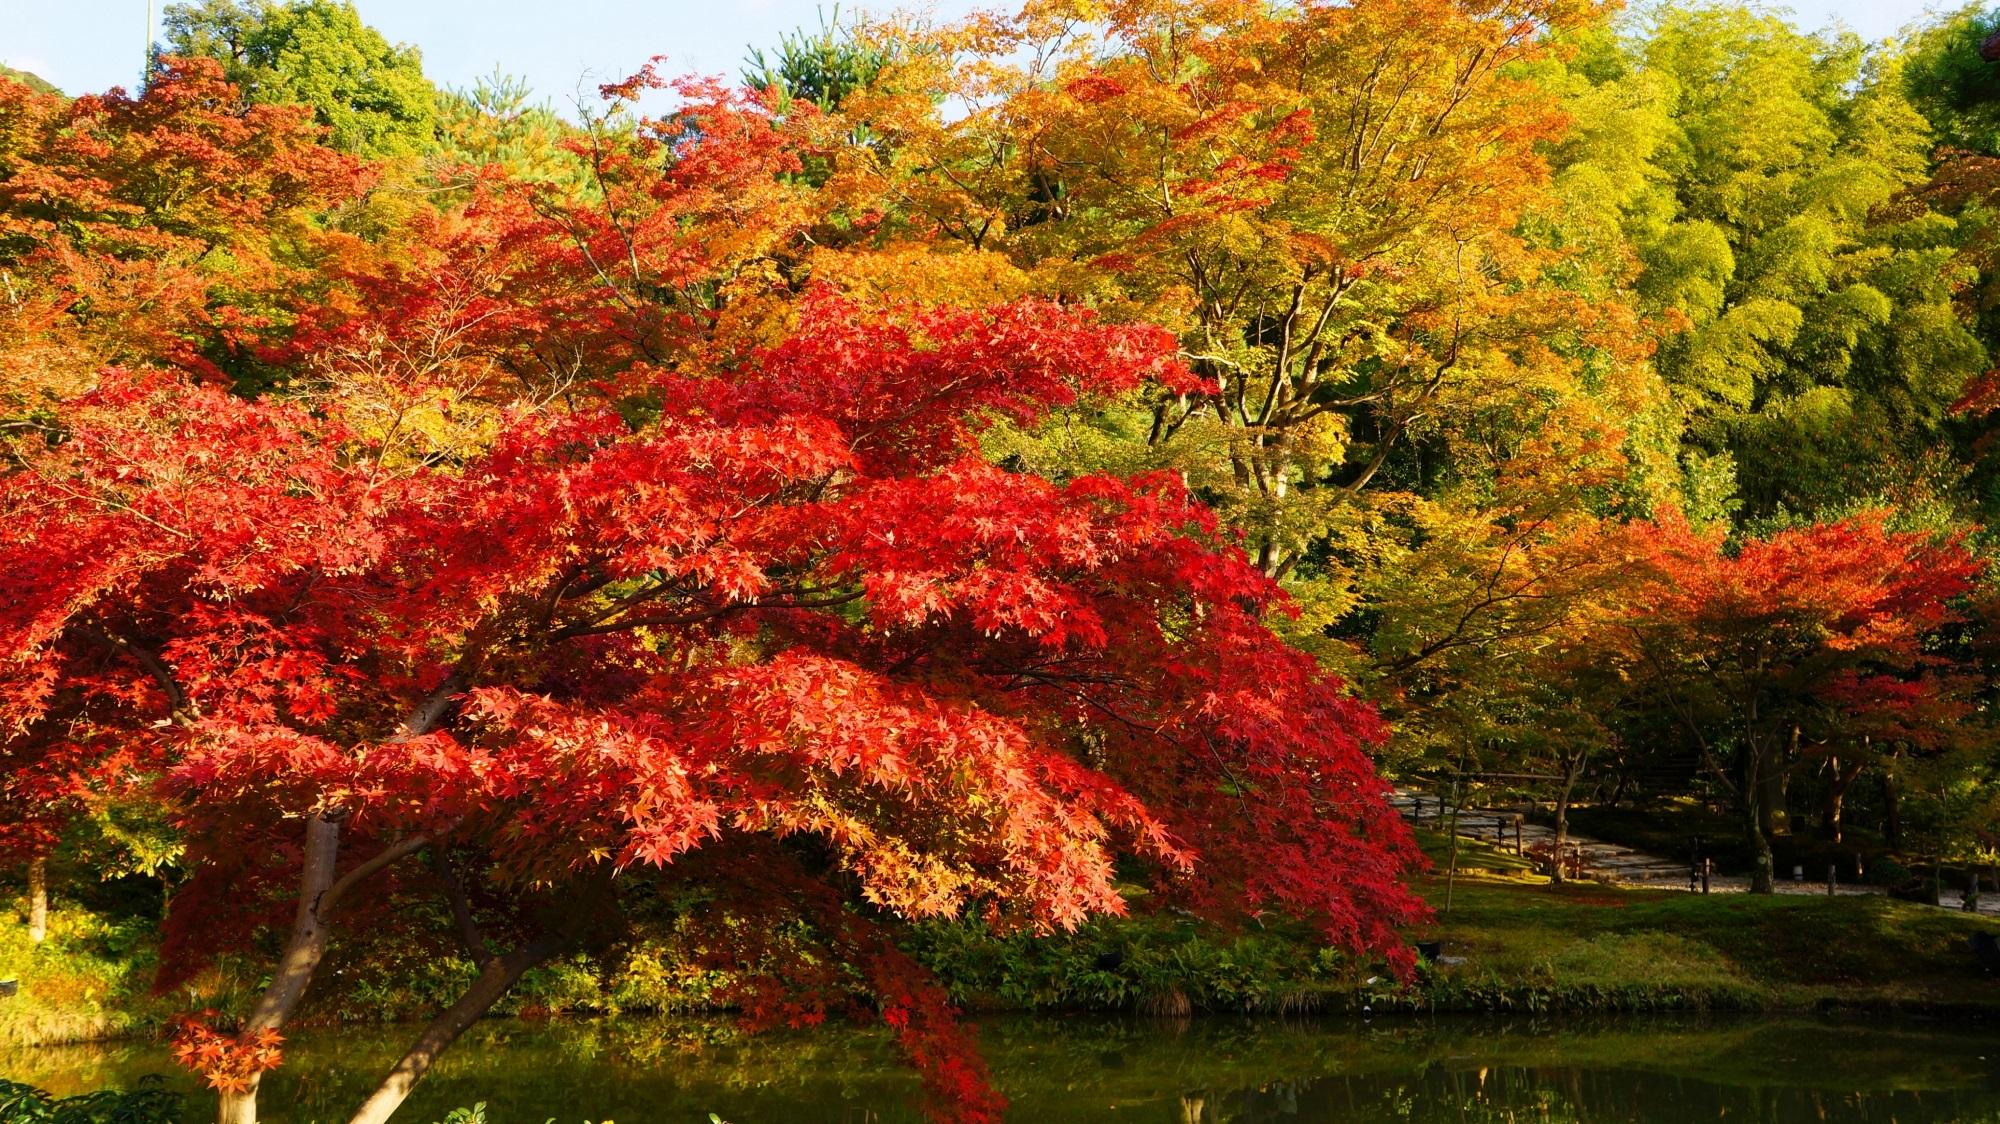 高台寺 紅葉 京都の夕陽と鮮やかな紅葉